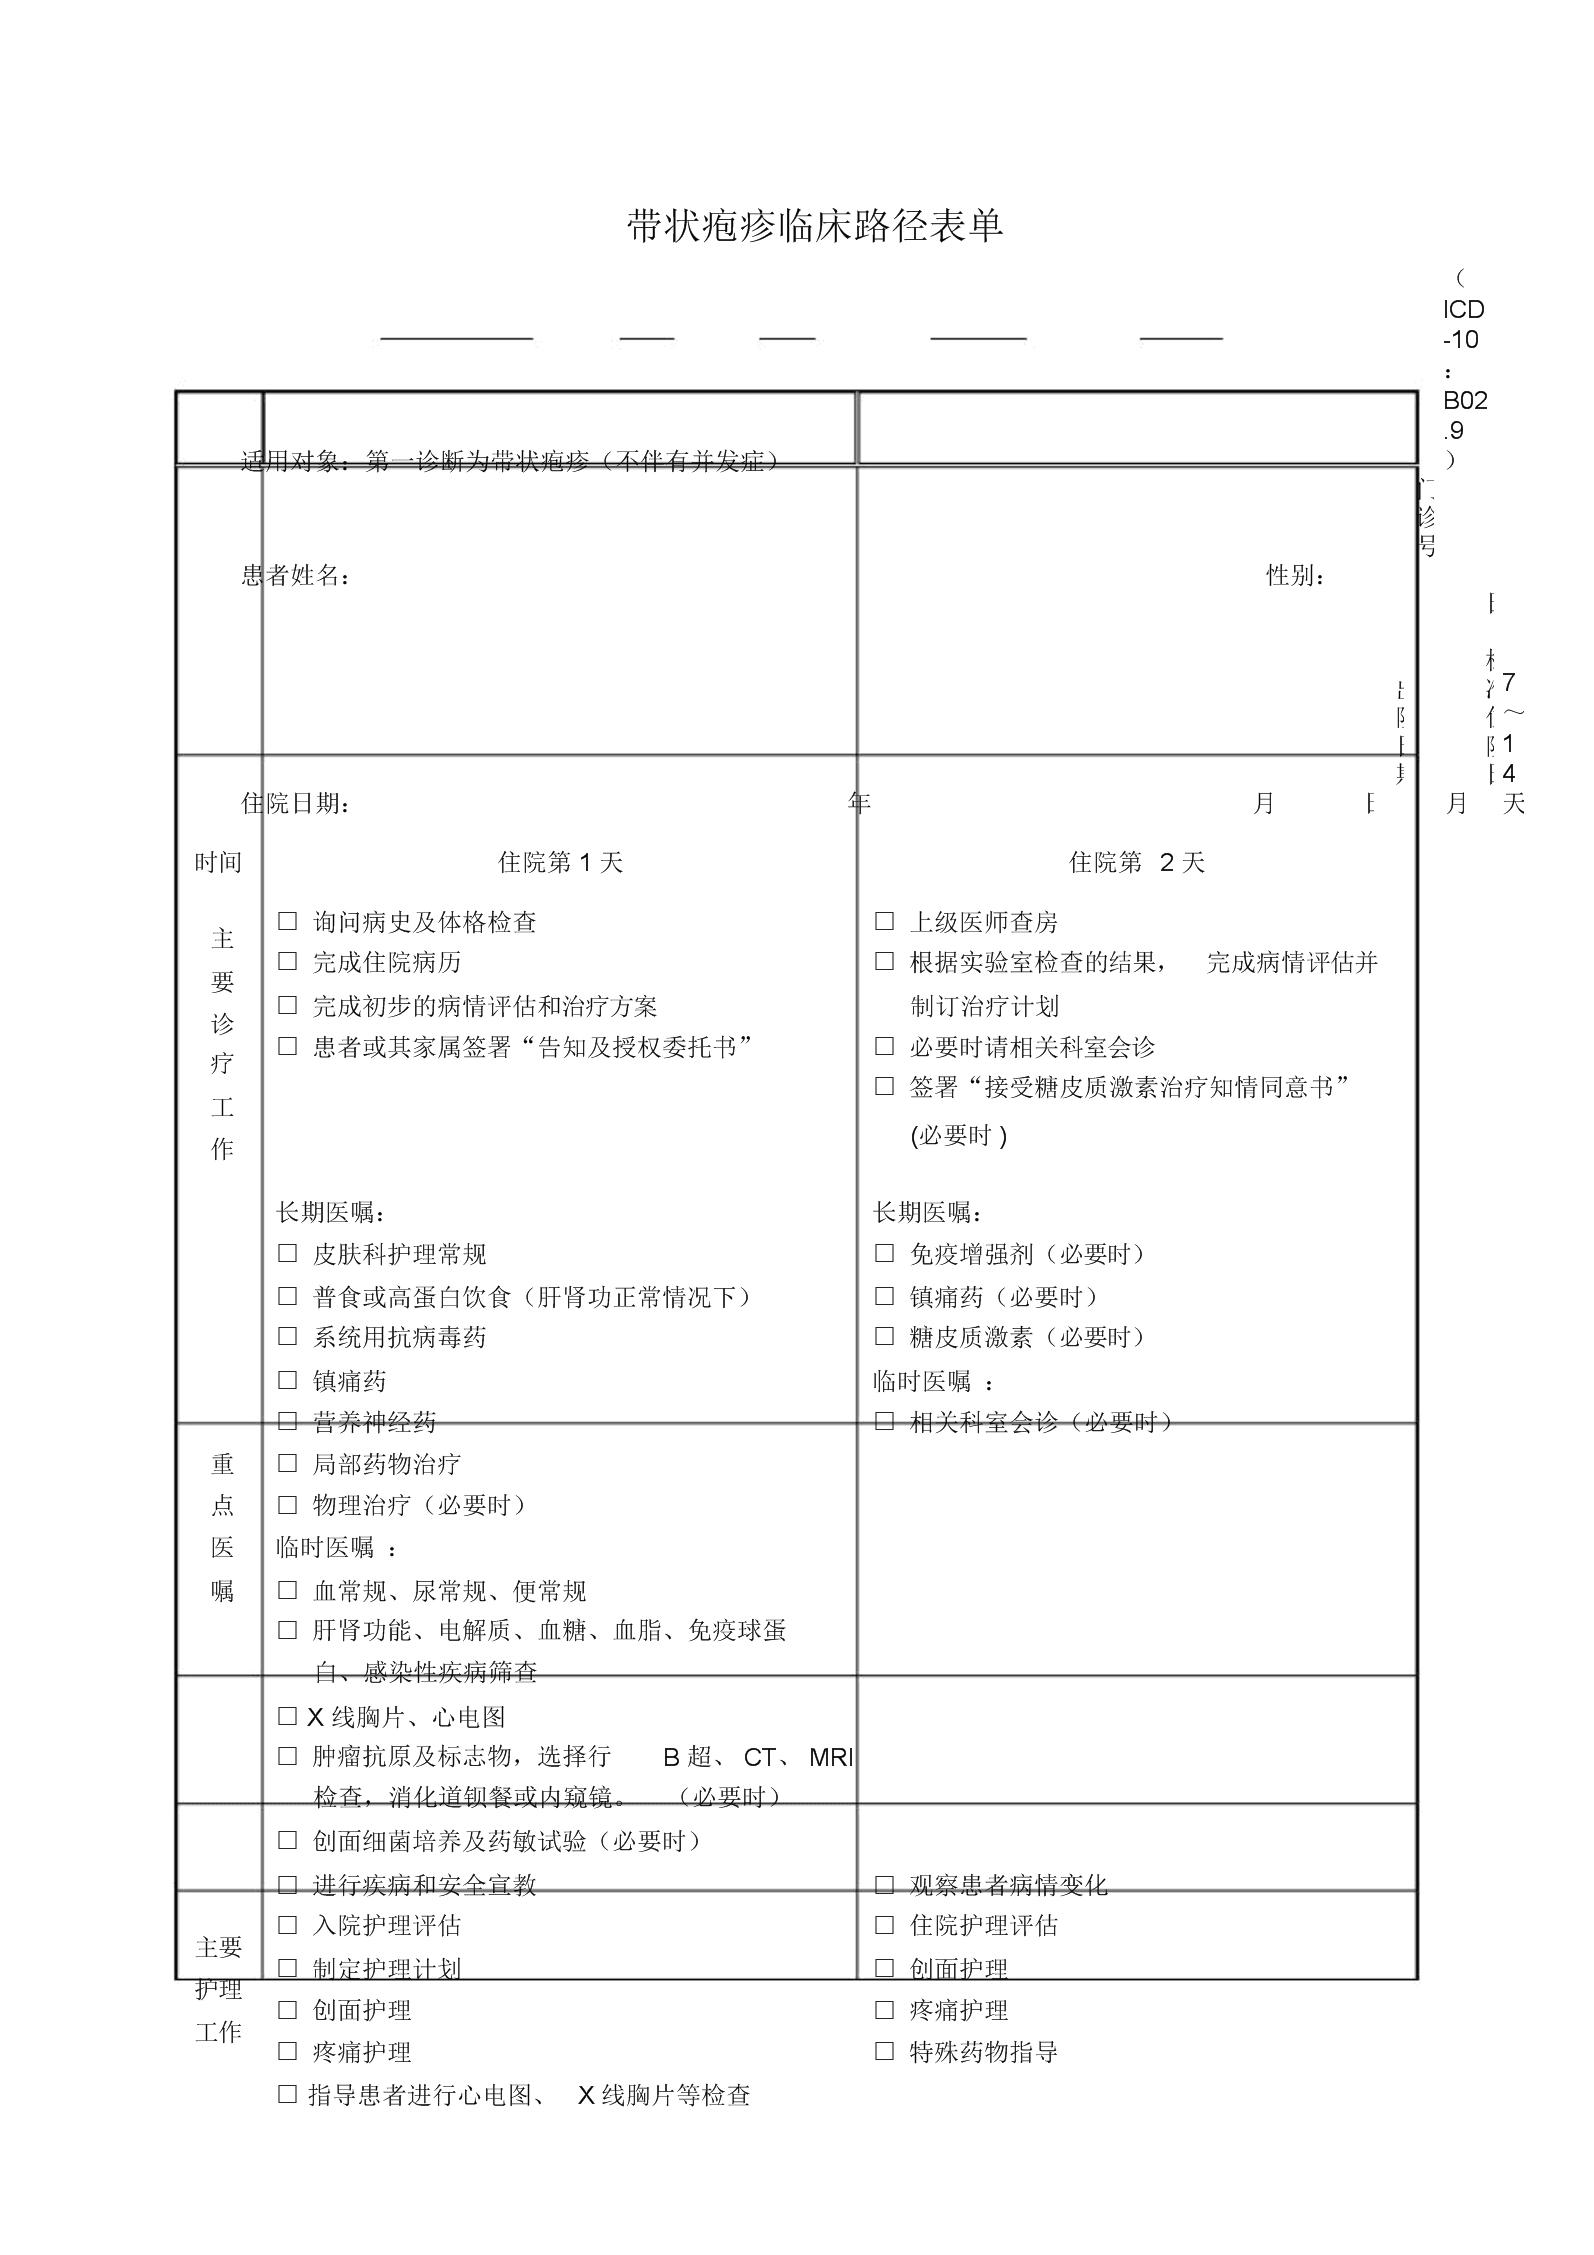 带状疱疹临床路径表单.docx